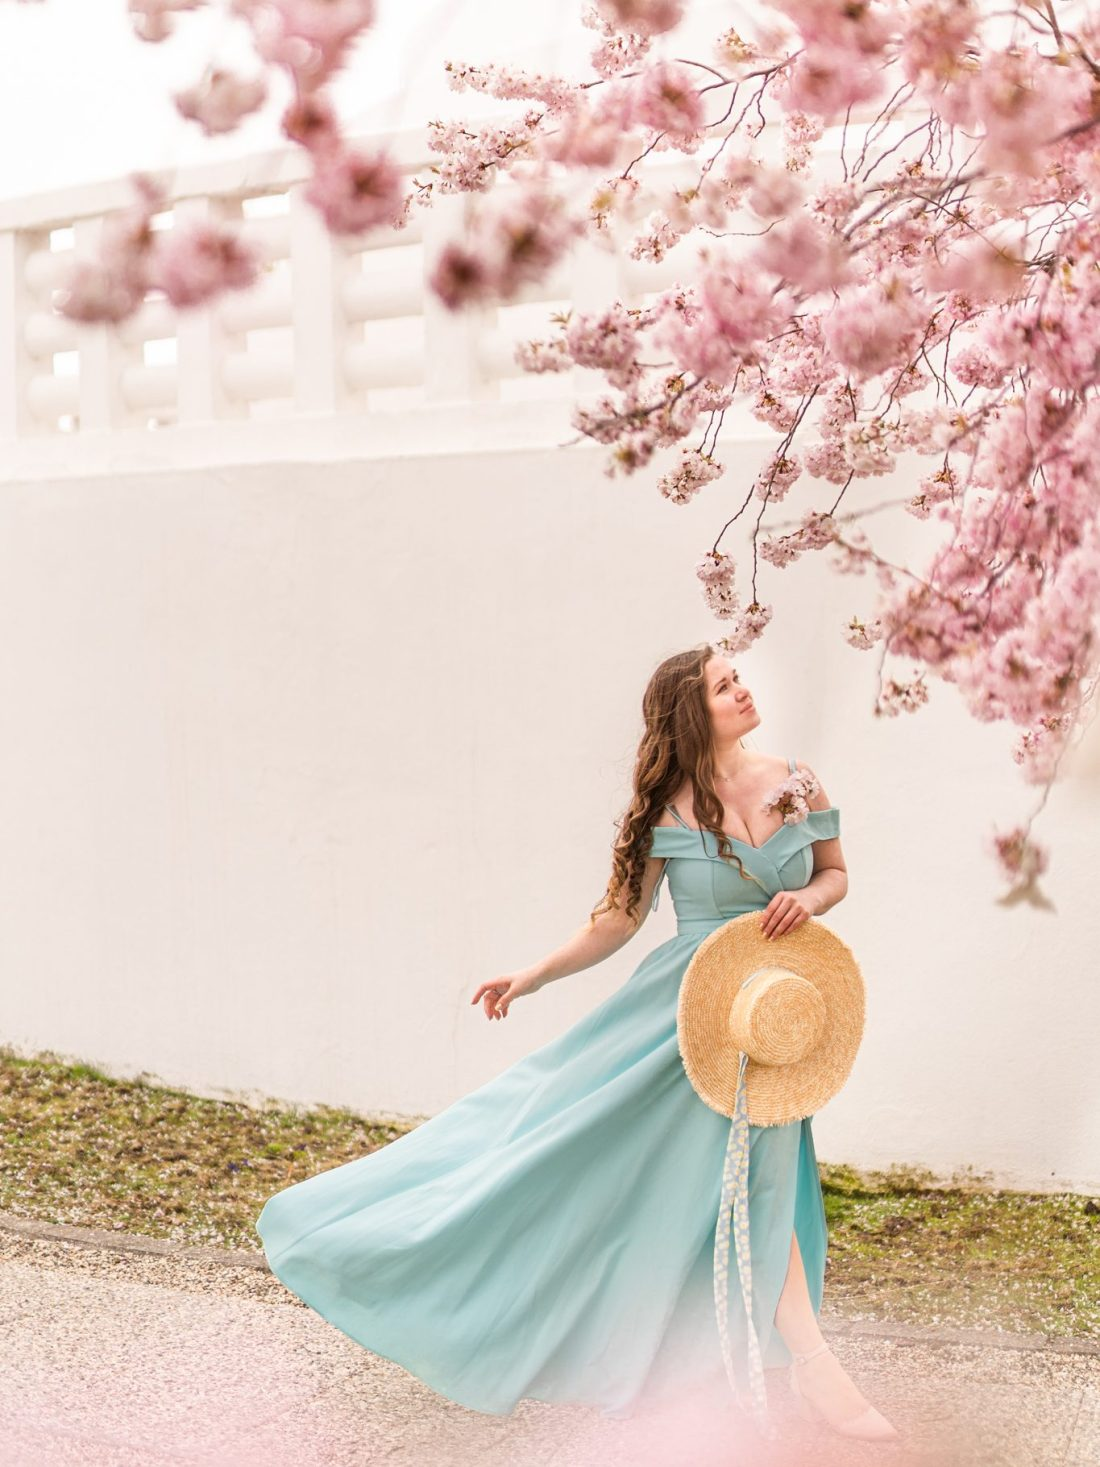 Kirschblüten und Magnolien in Wien